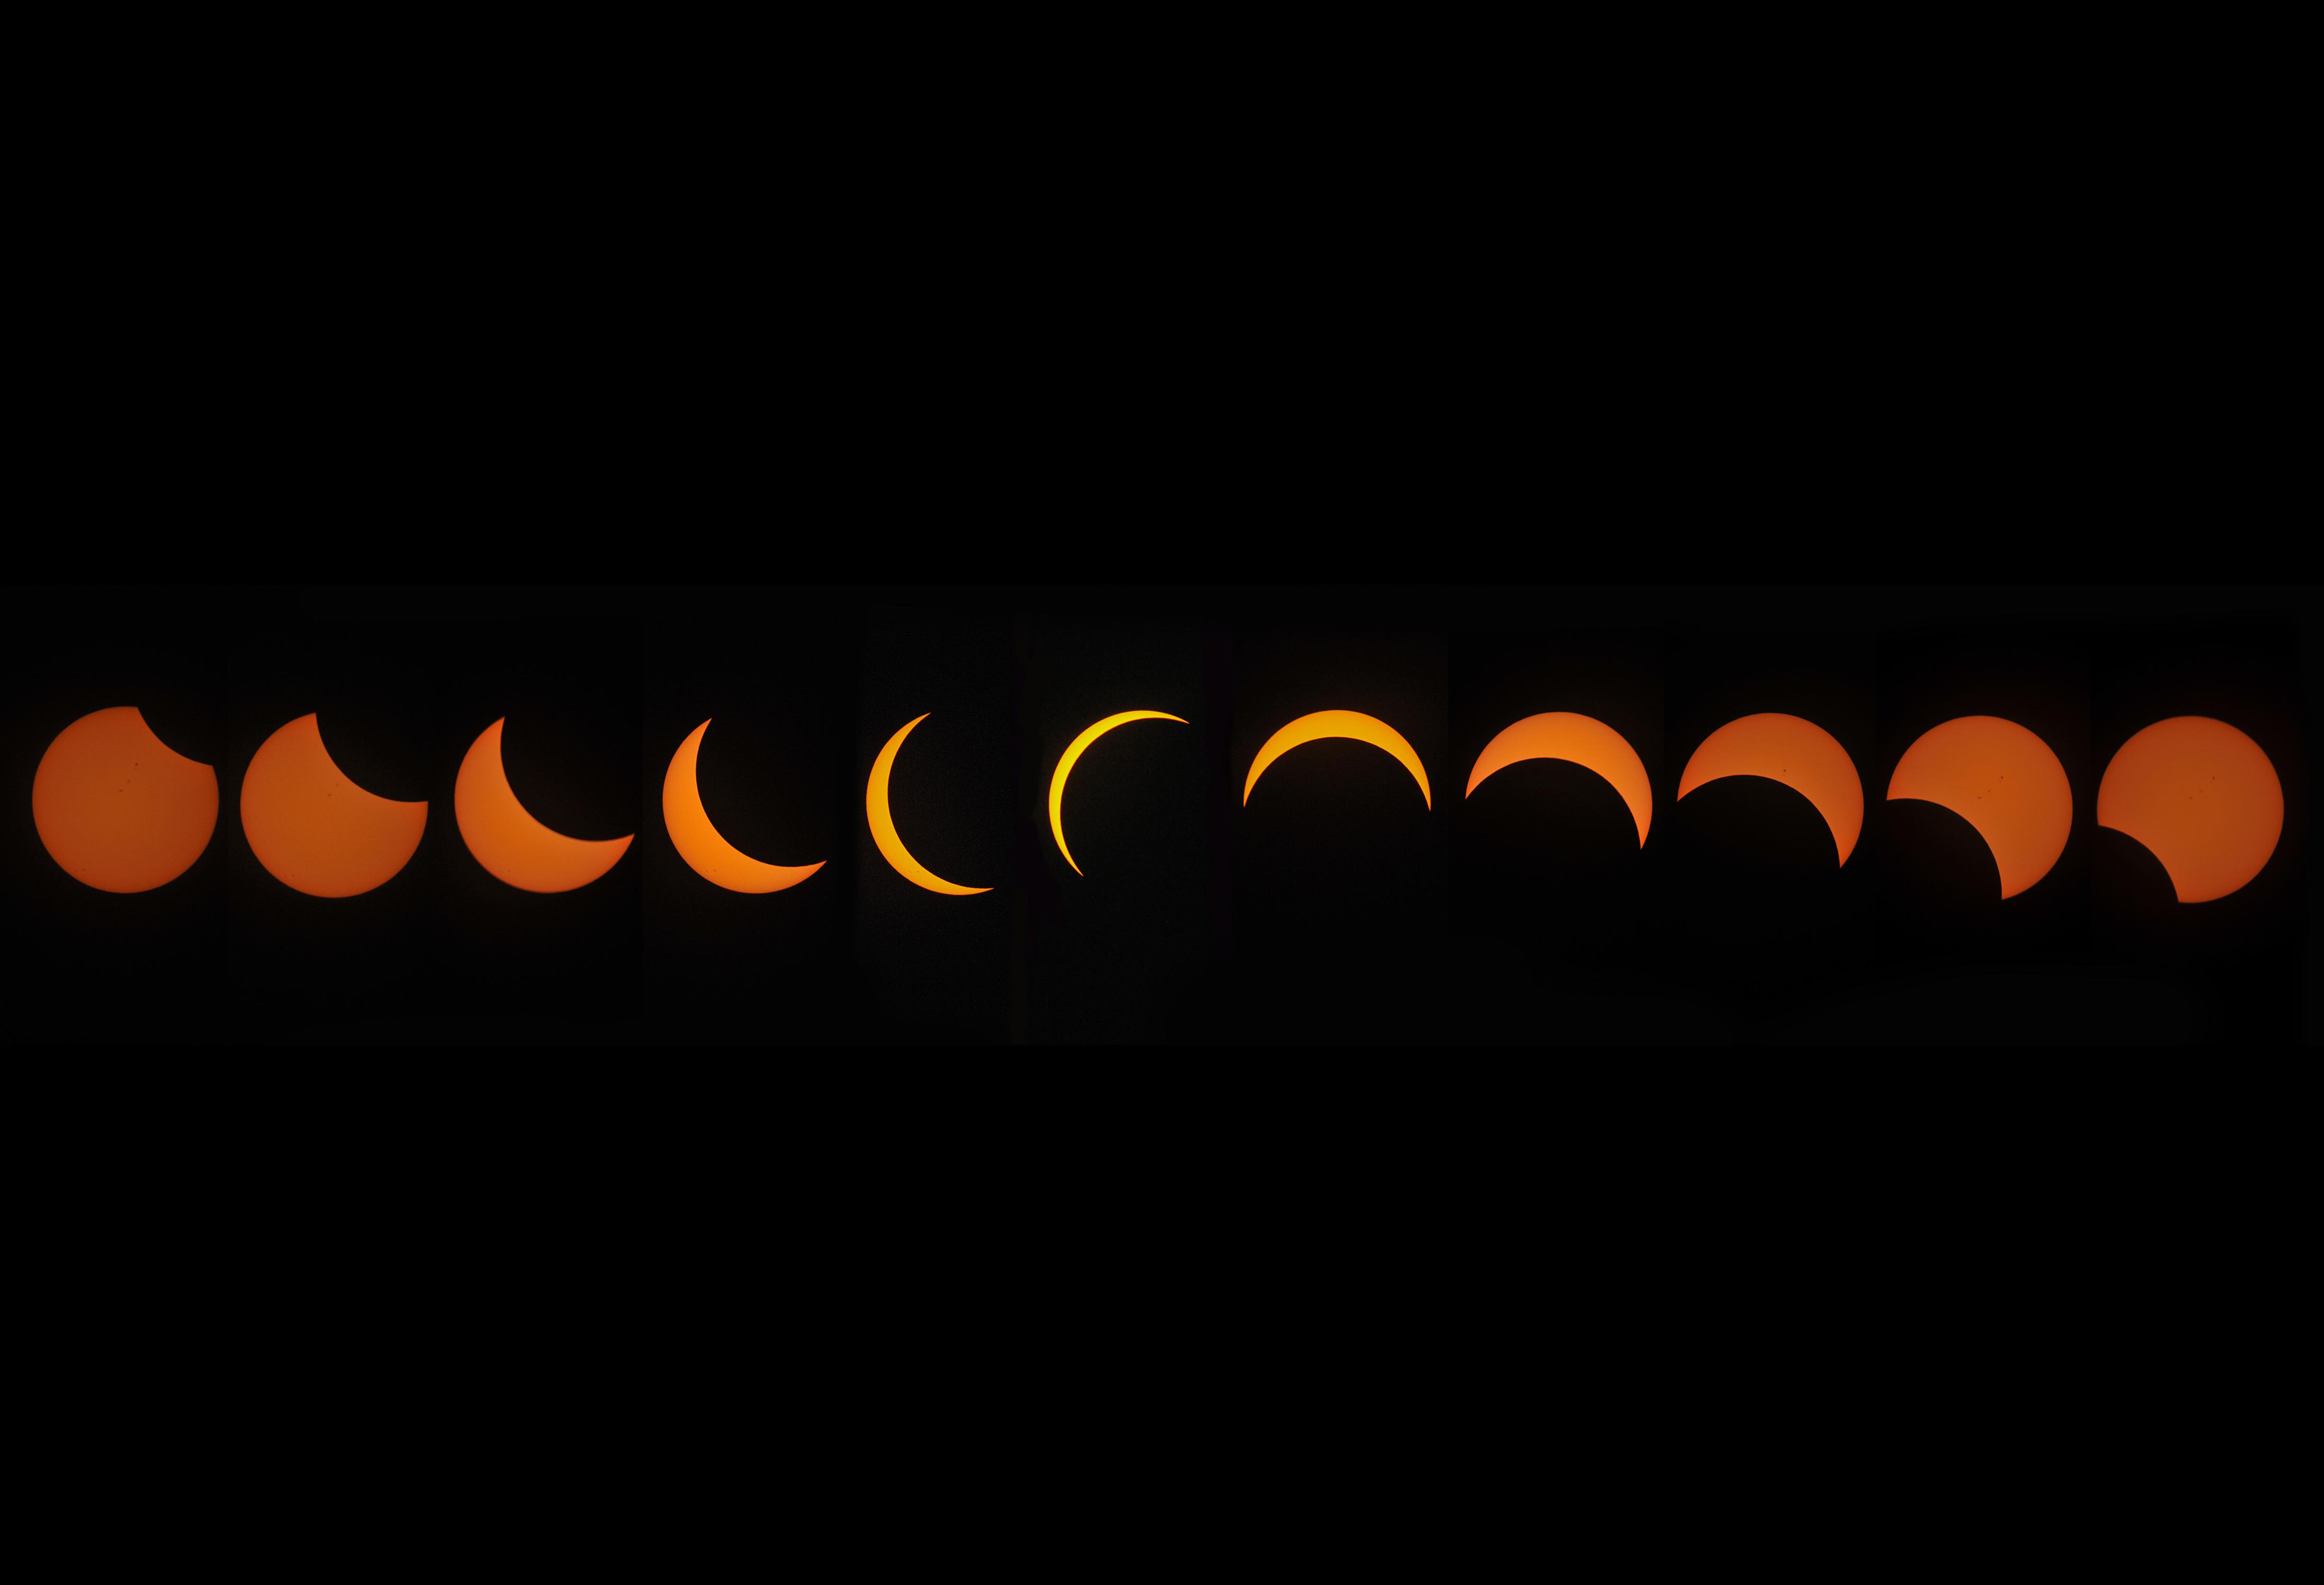 2017-08-21 - Solar Eclipse Time Frame full